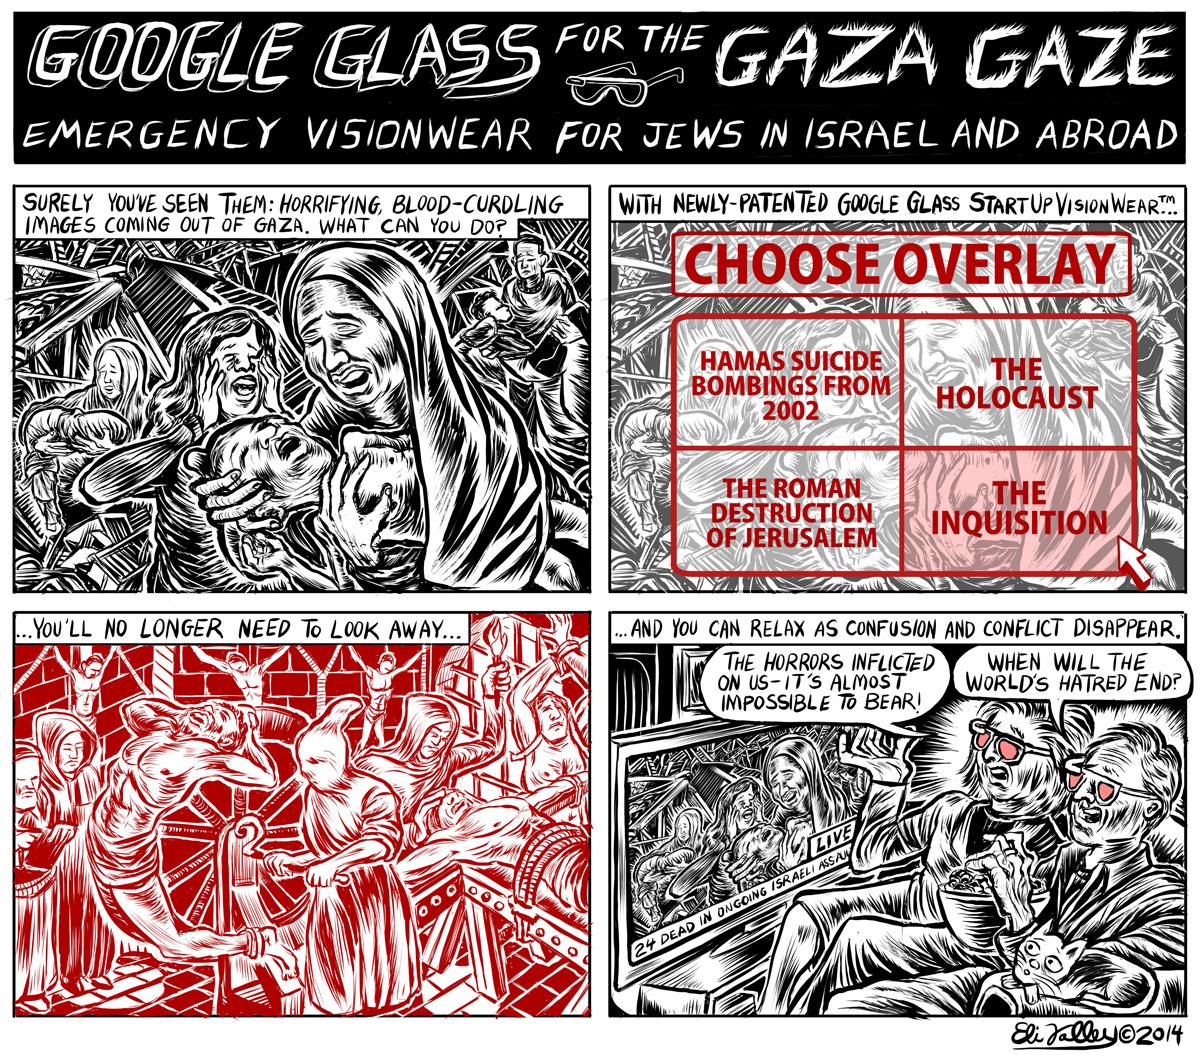 Eli.Valley.Gaza.Google.Glass